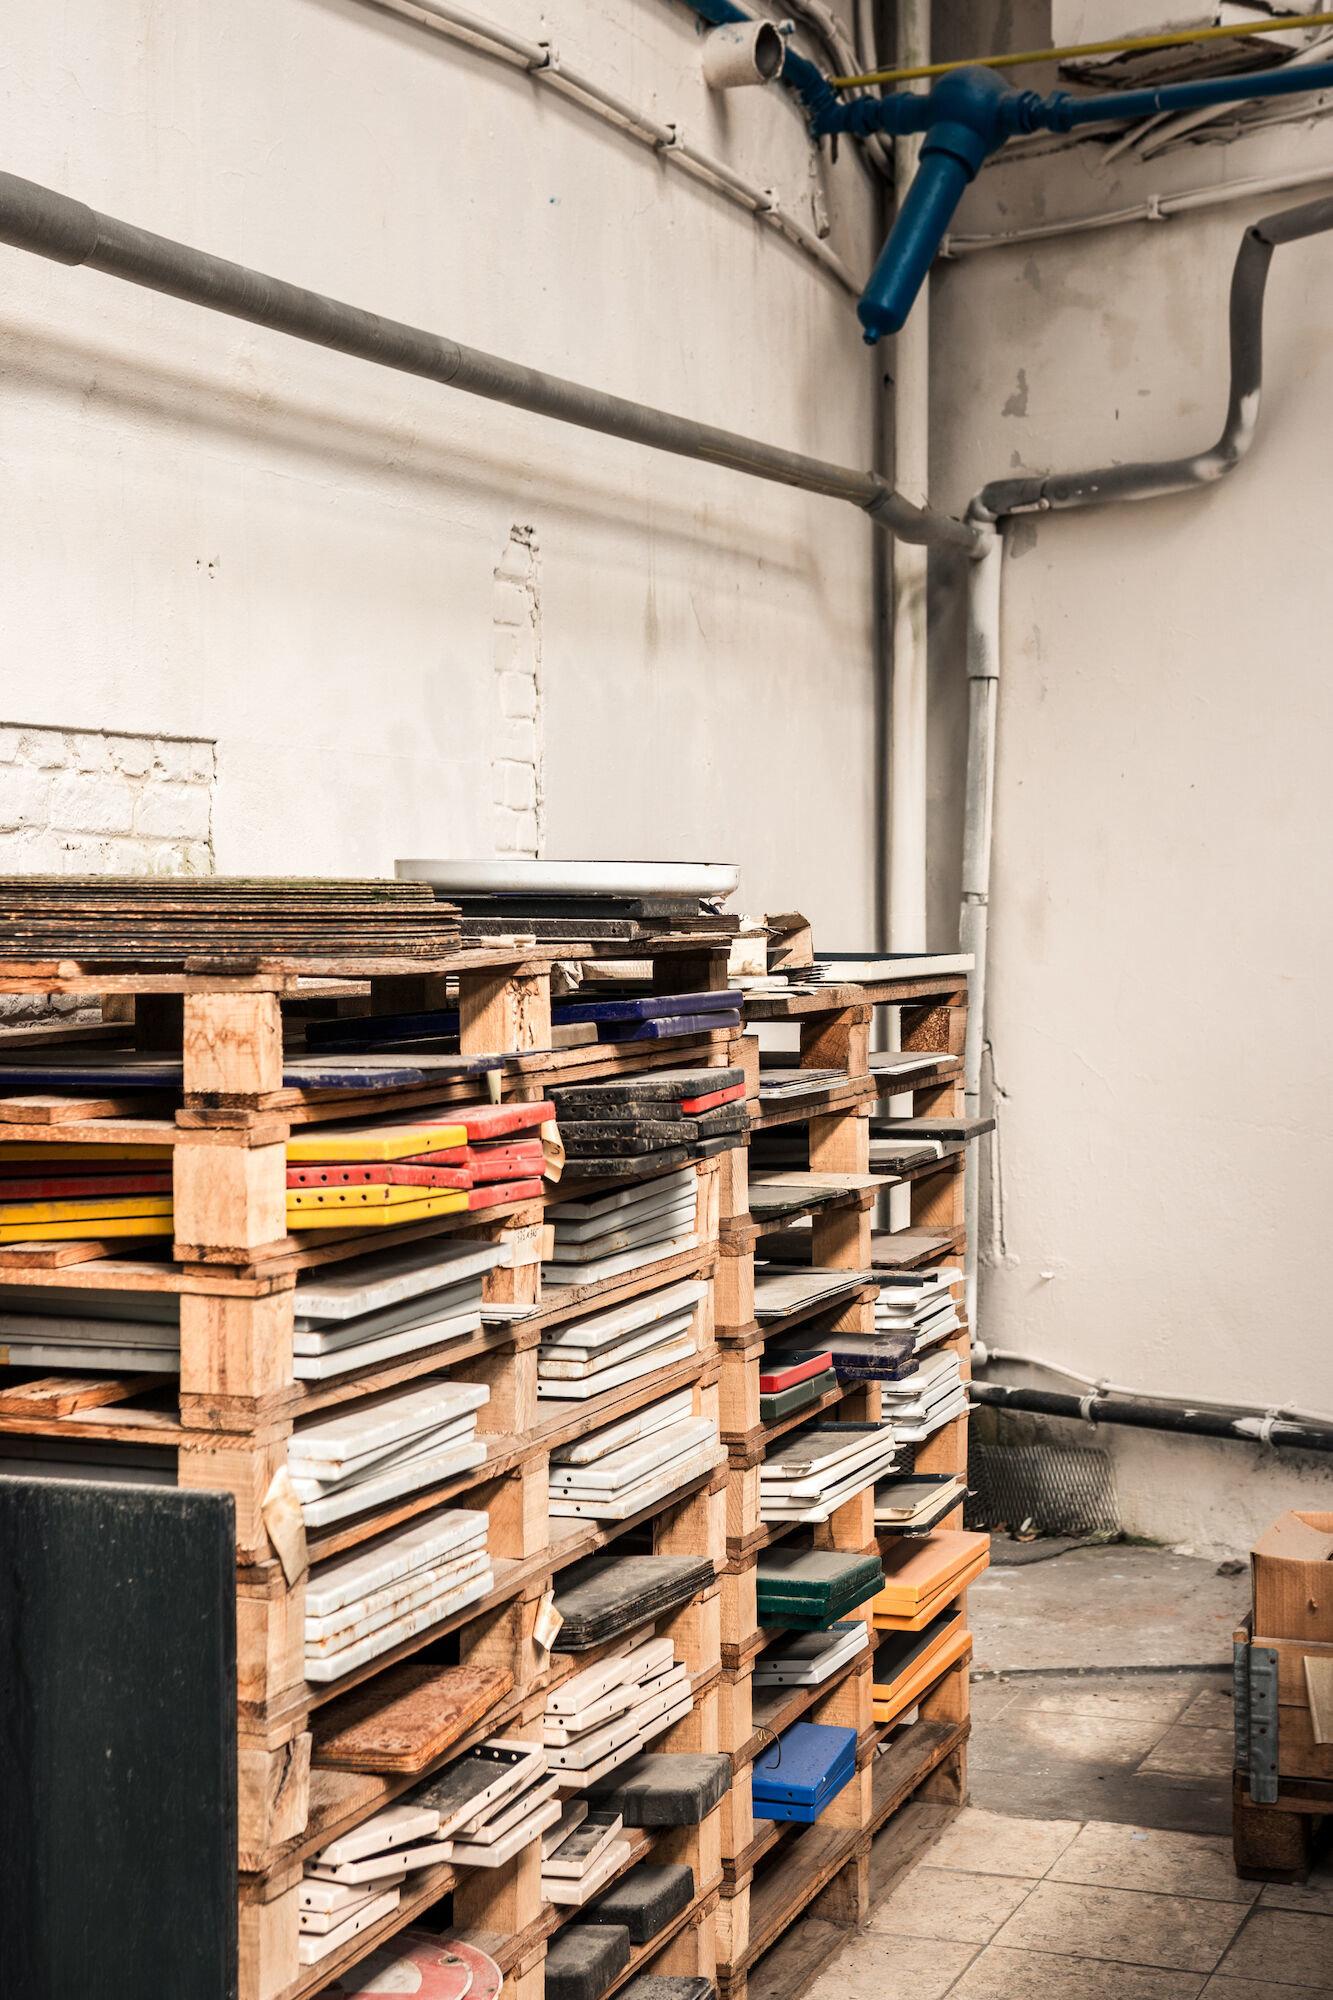 Magazijn met emailborden op rek in het atelier van Emaillerie Belge